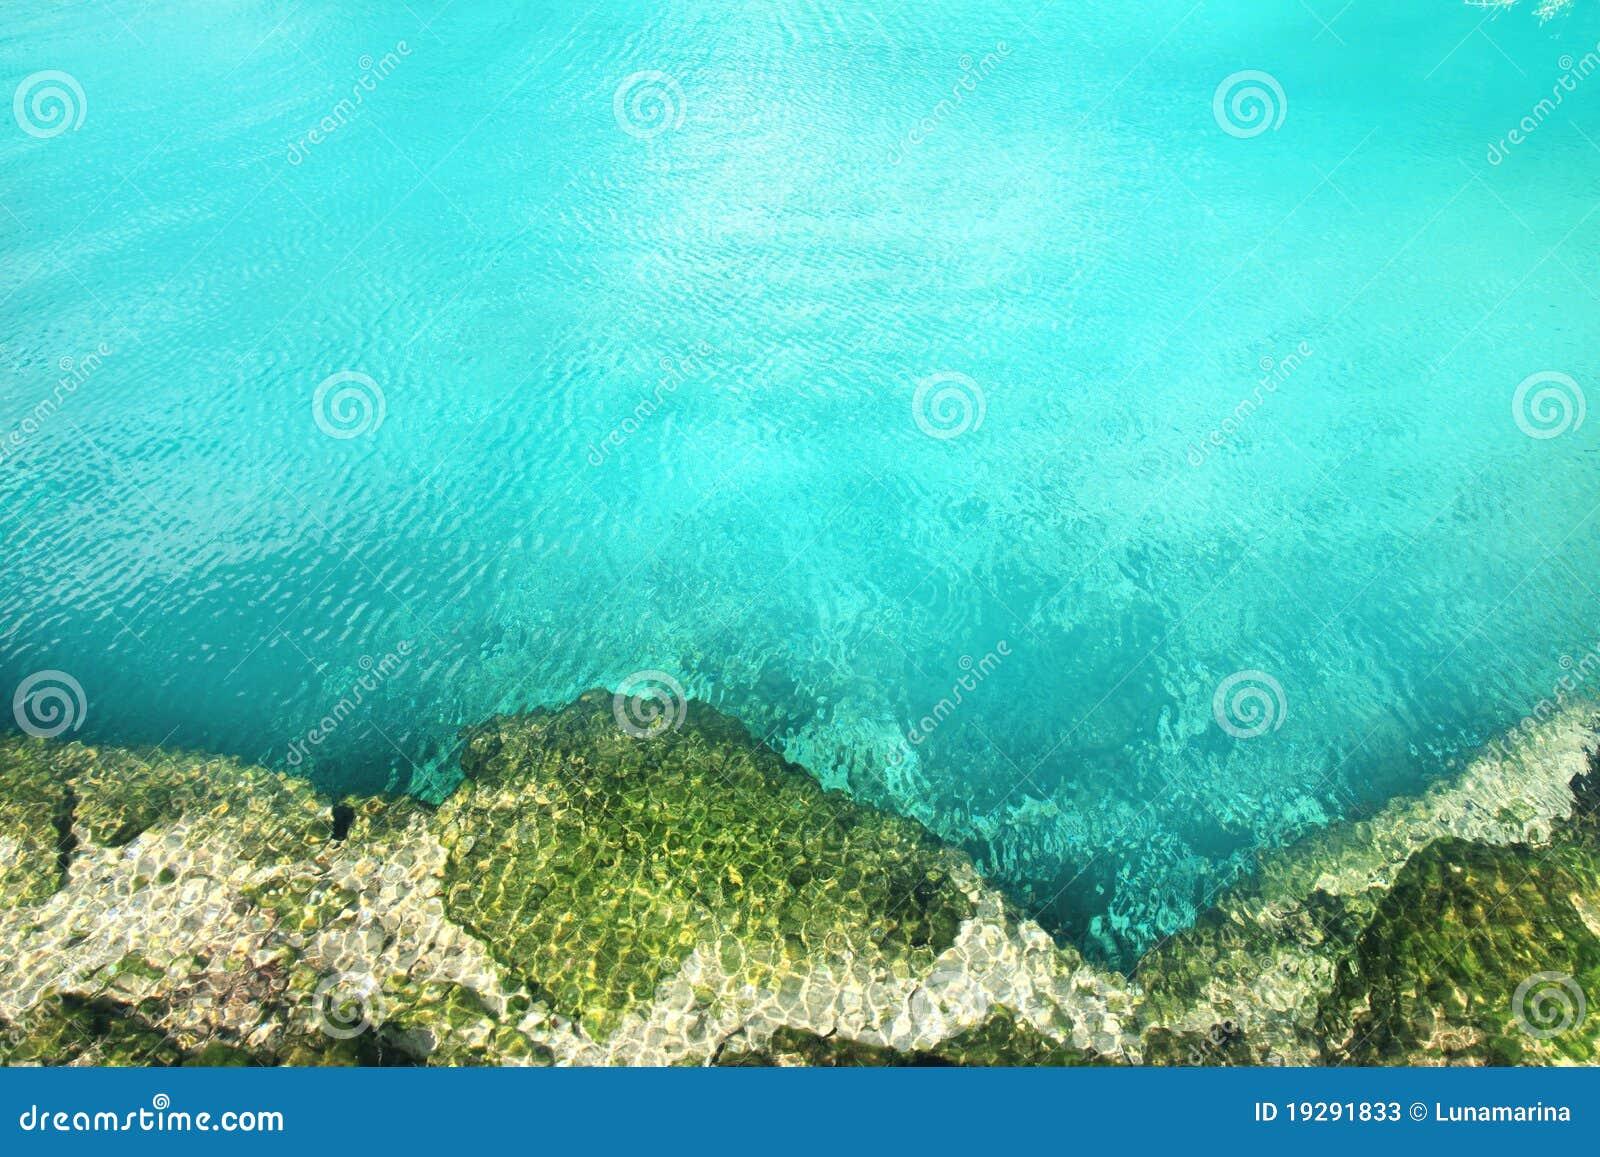 För riviera för cenotemangrove mayan vatten turkos